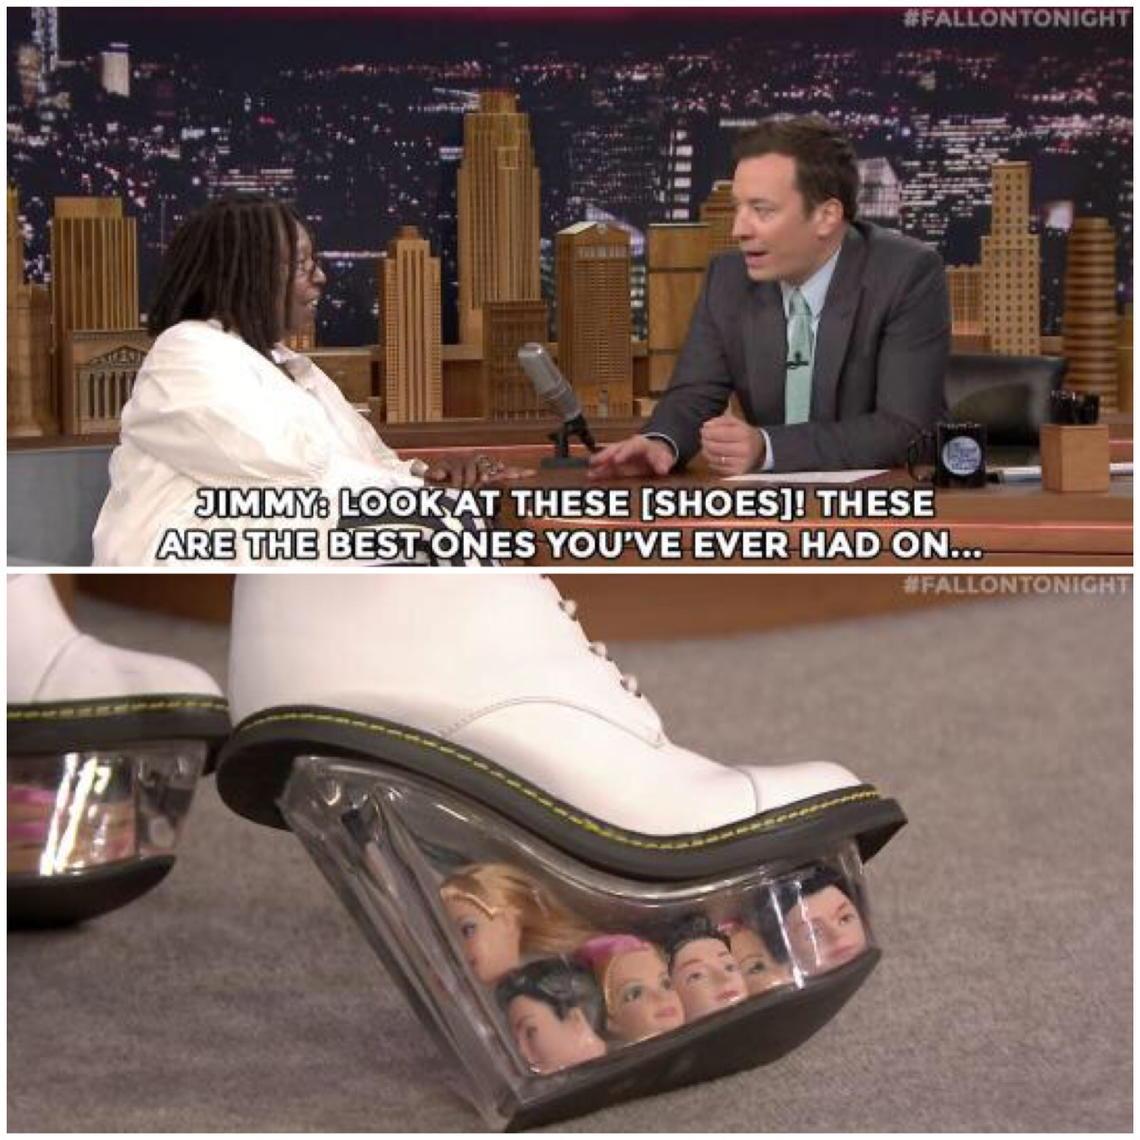 ウーピー・ゴールドバーグの靴底がコワいwwww http://t.co/Y0X8VJN1fH